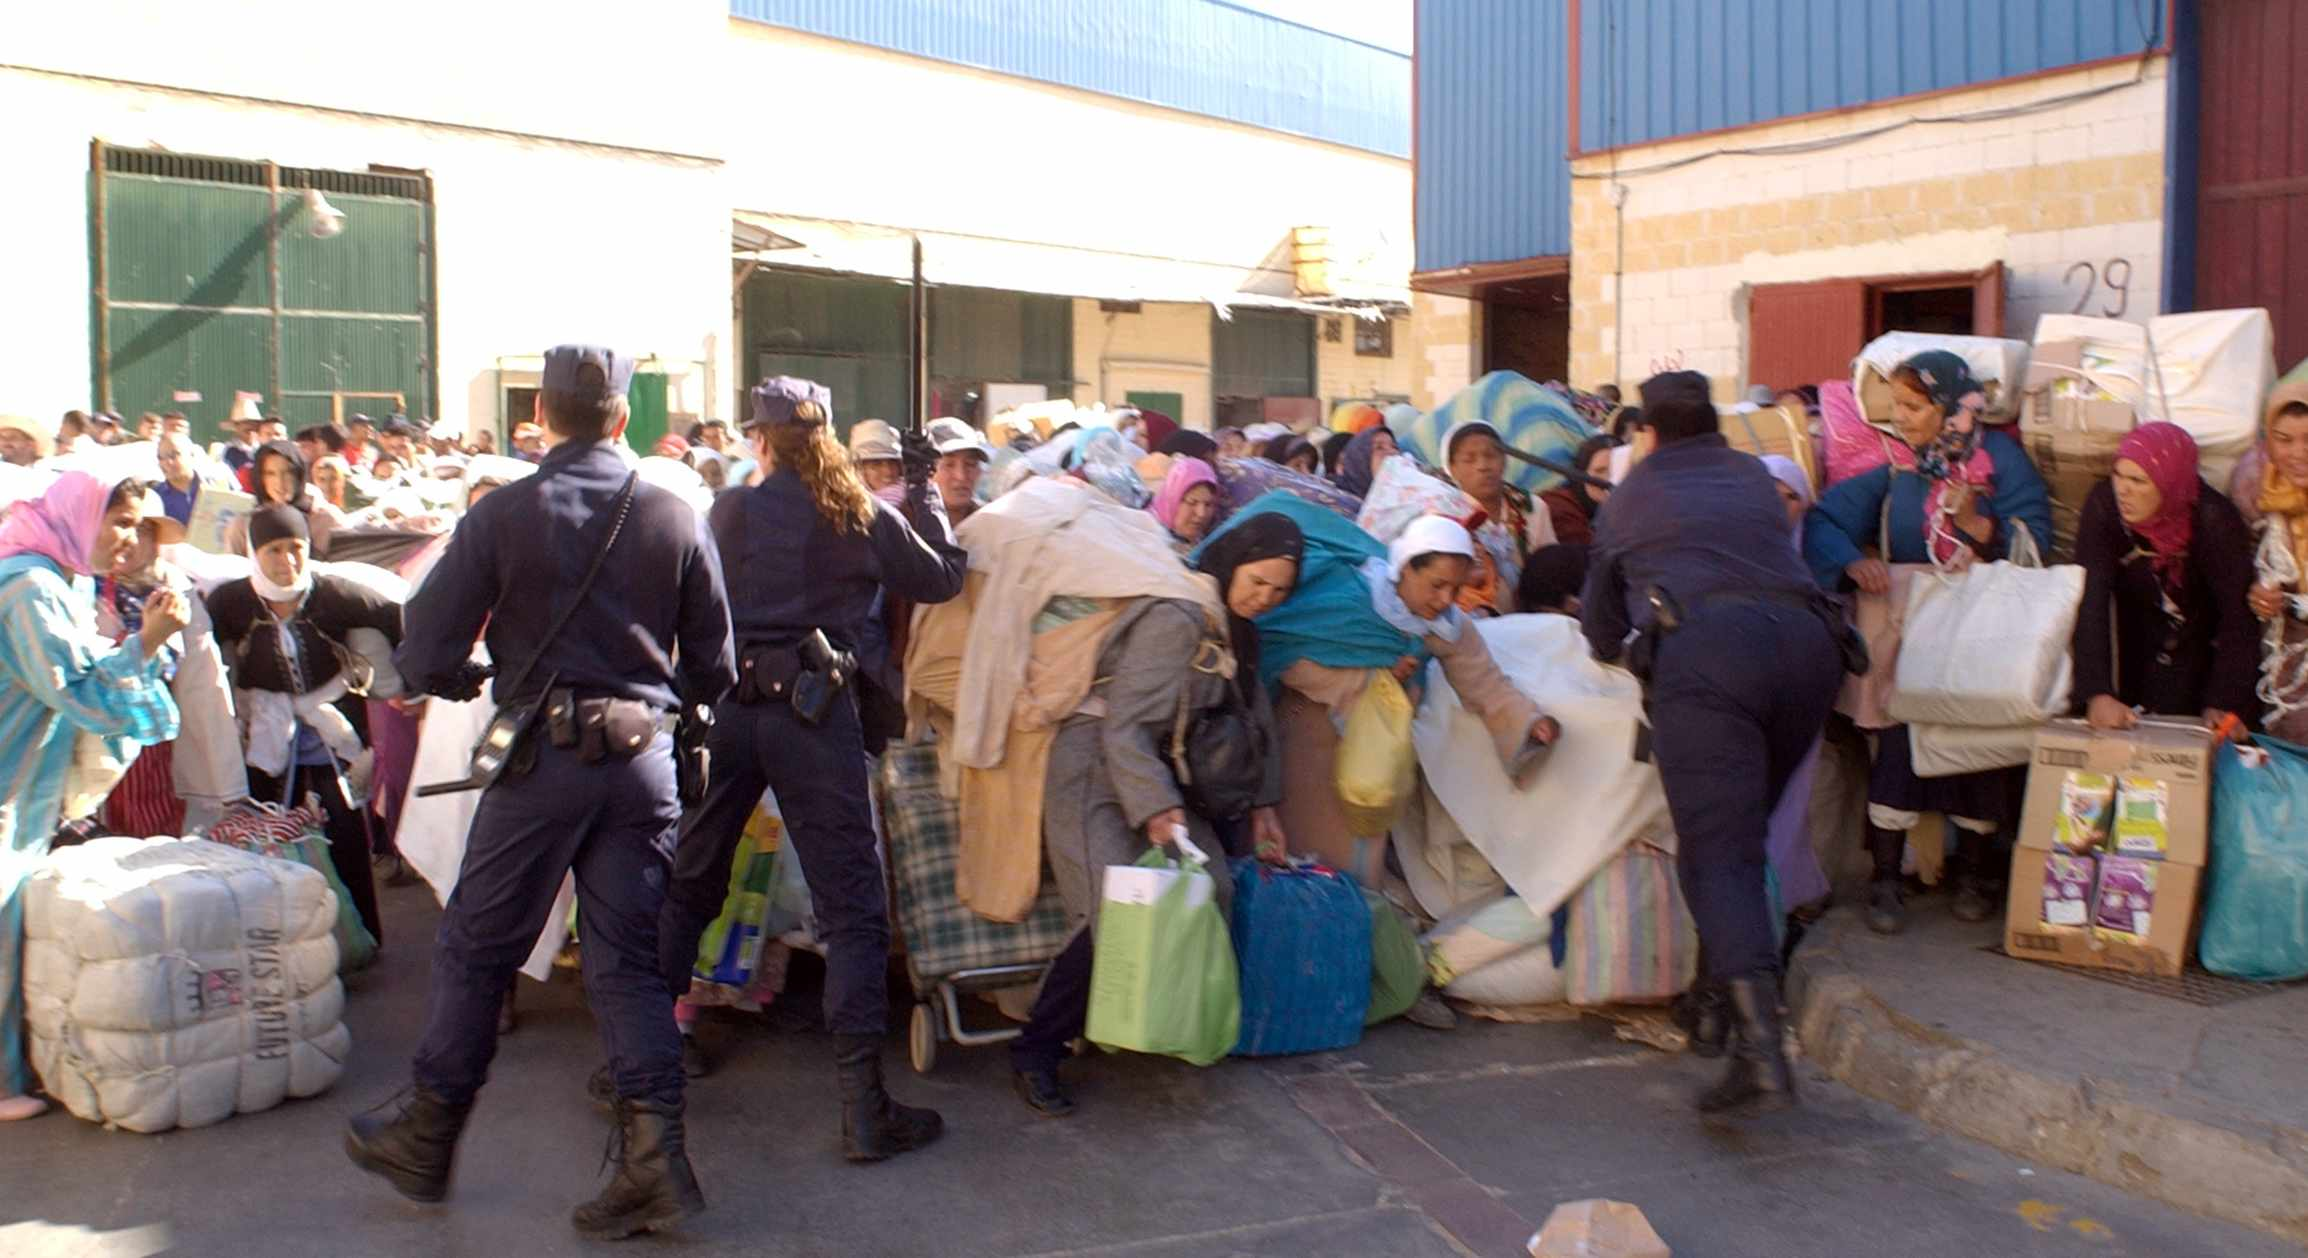 """توقف التهريب المعيشي ببني انصار ودوريات تصادر منتجات إسبانية:مليلية تحت حصار الجمارك و """"المخازنية"""" ؟؟"""